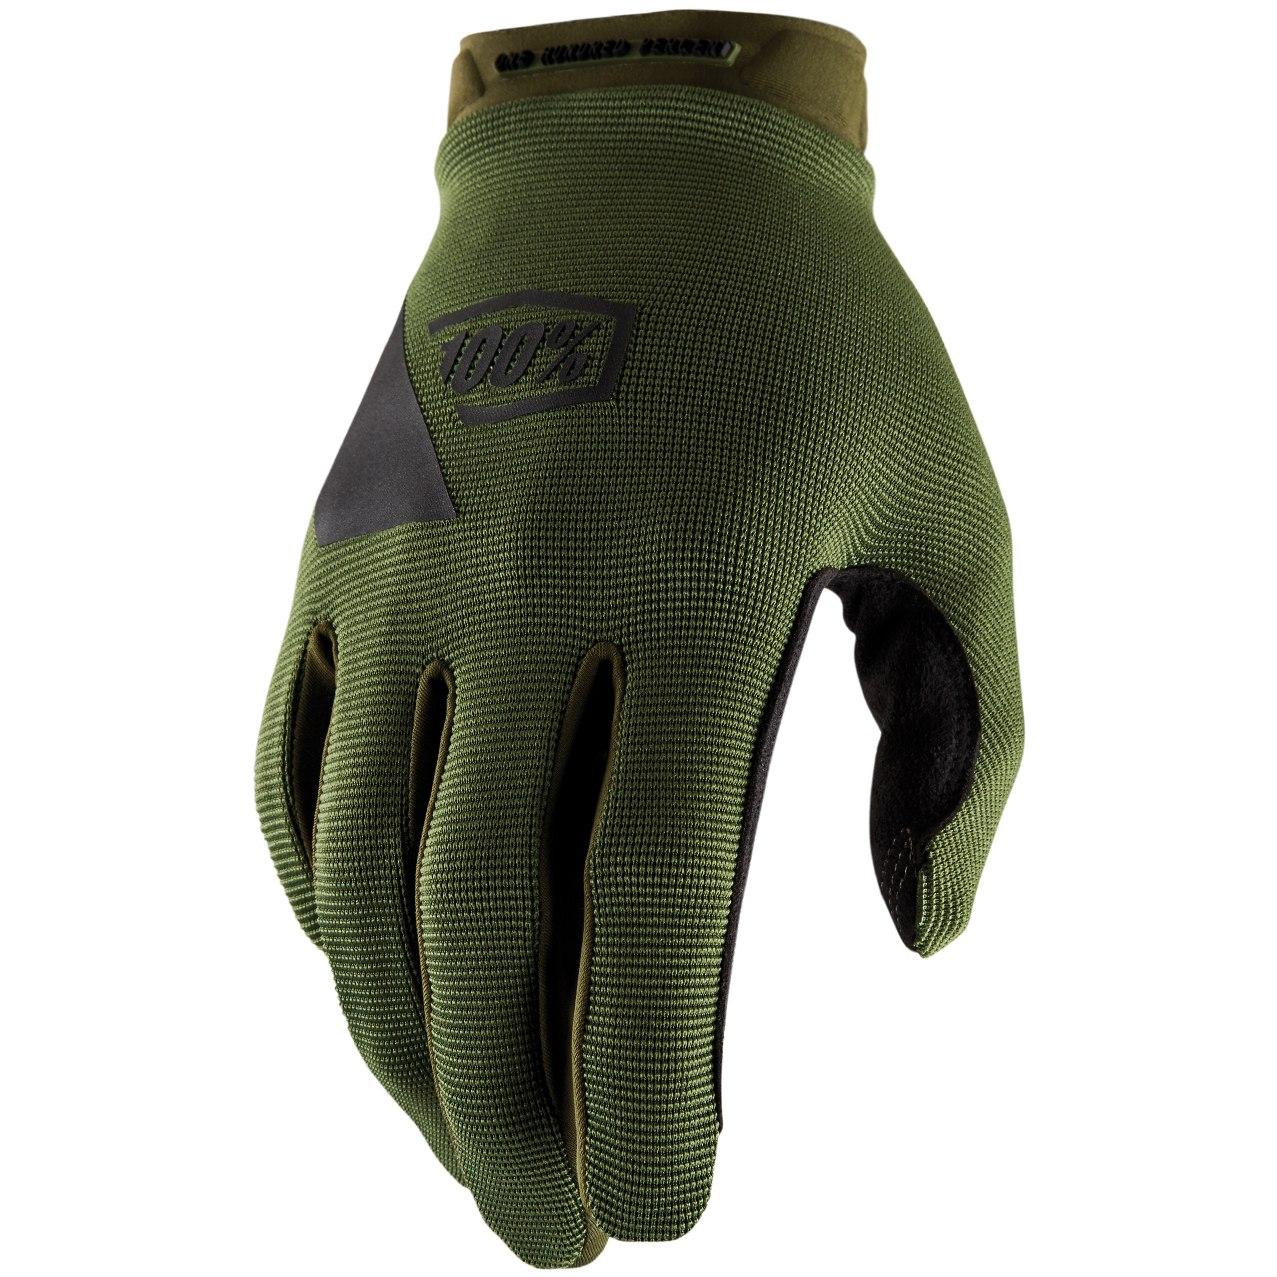 100% Ridecamp Glove - Fatique